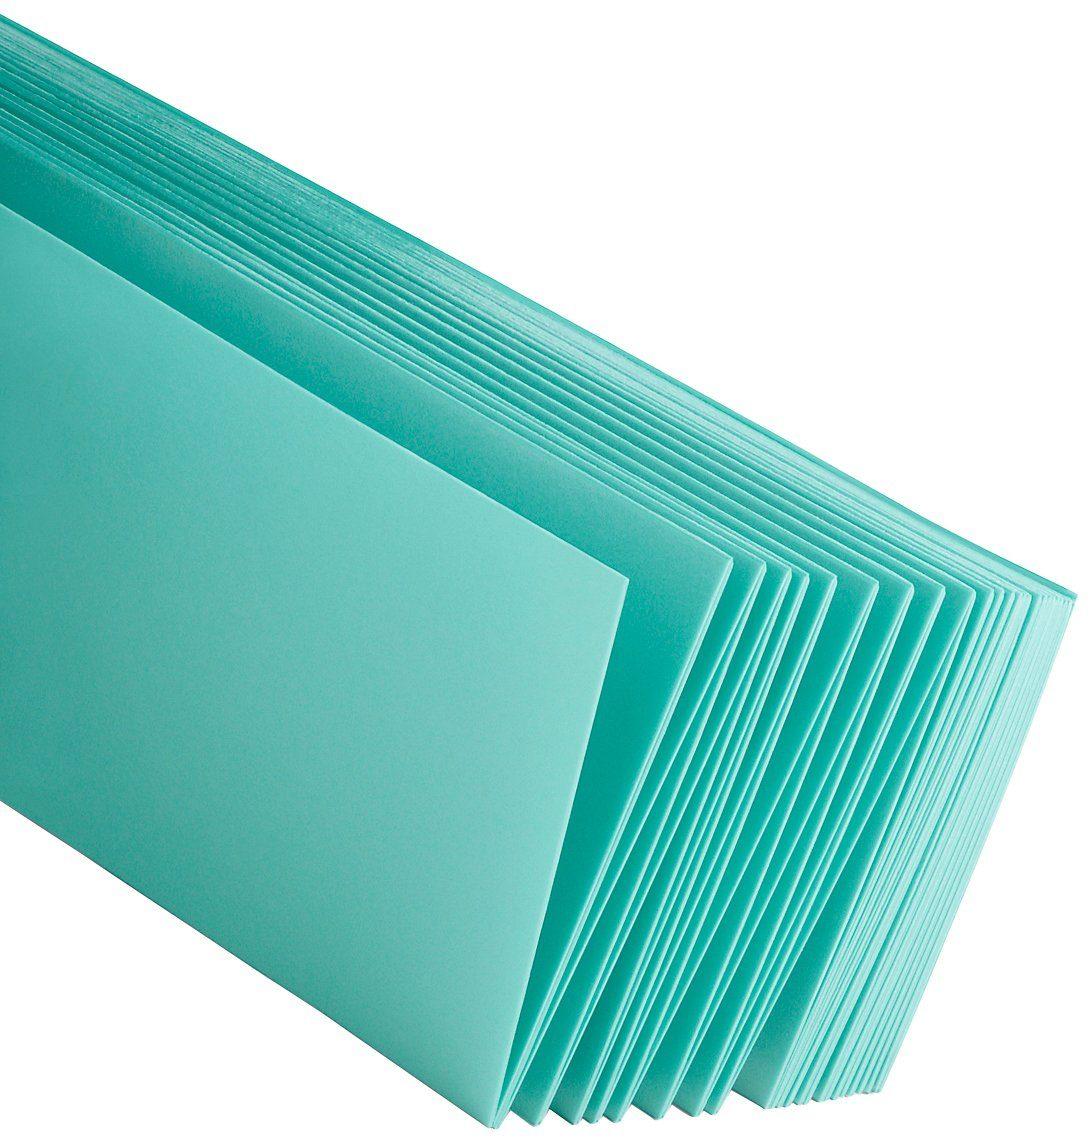 NOMA Trittschalldämmung »Noma®Parkett Green Rapid«, Stärke: 2,2 mm